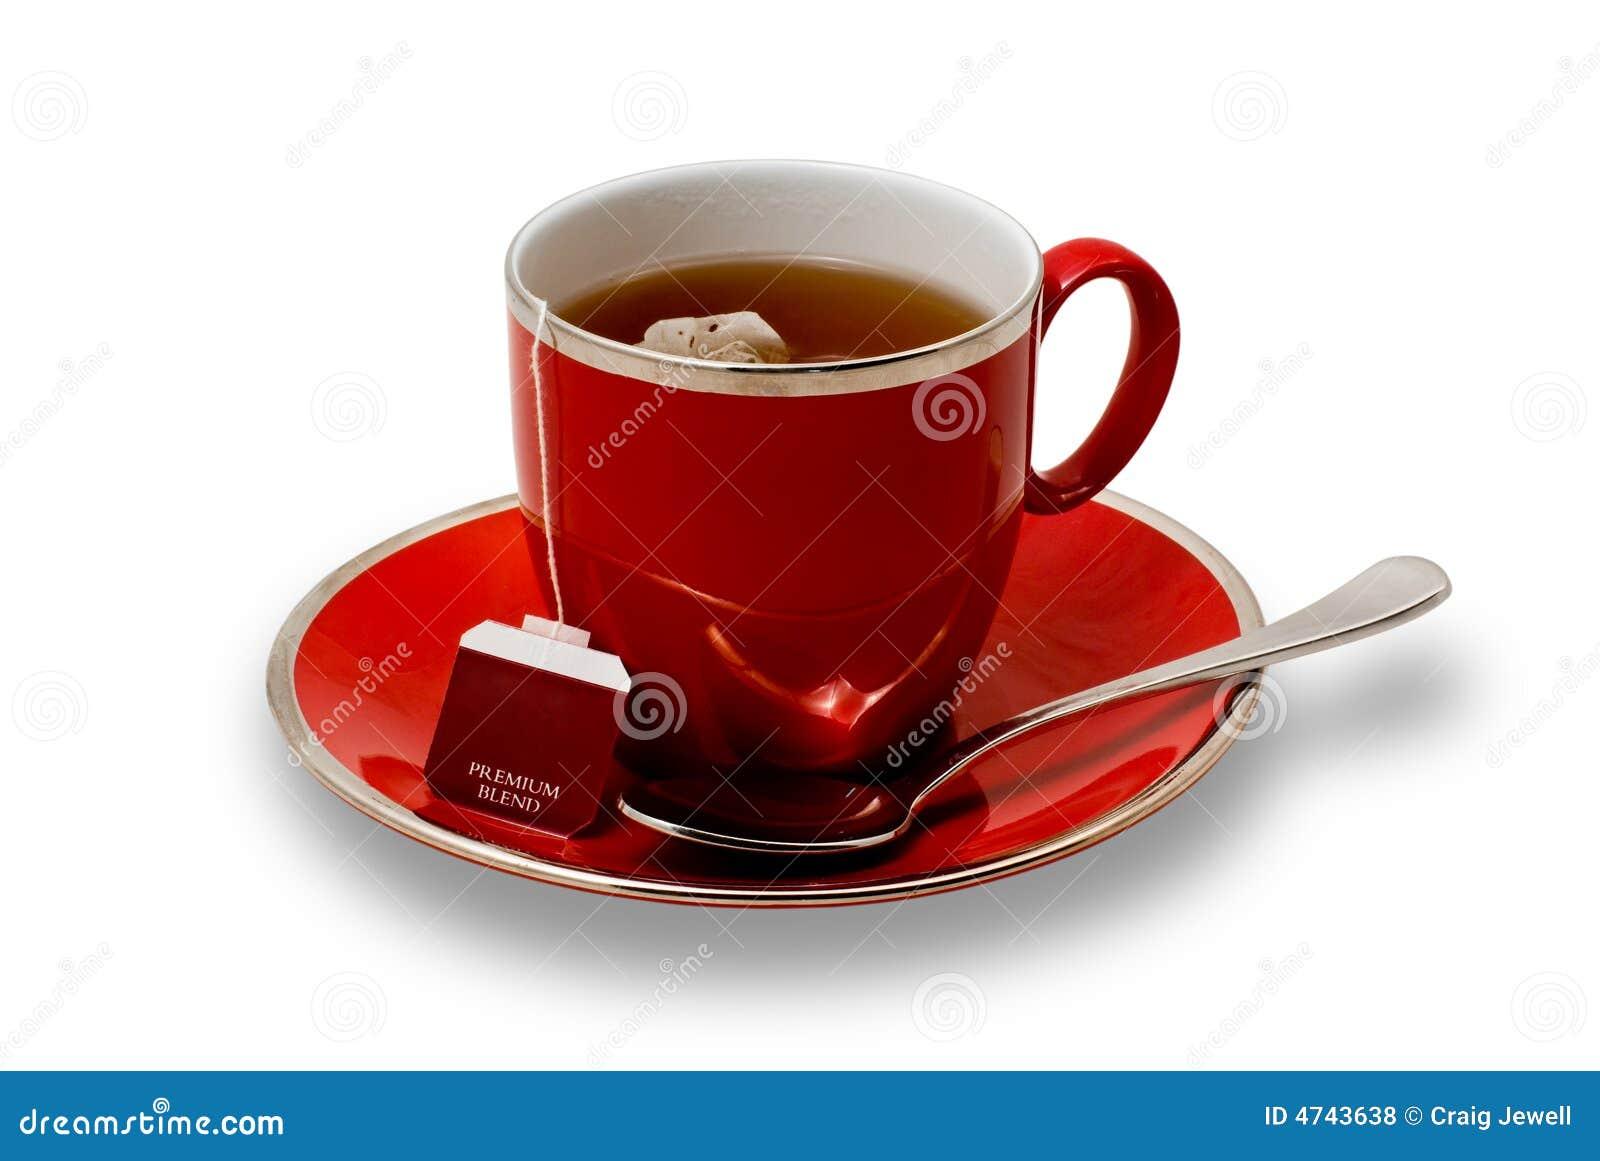 Teacup e Saucer vermelhos cheios com o Teabag isolado sobre